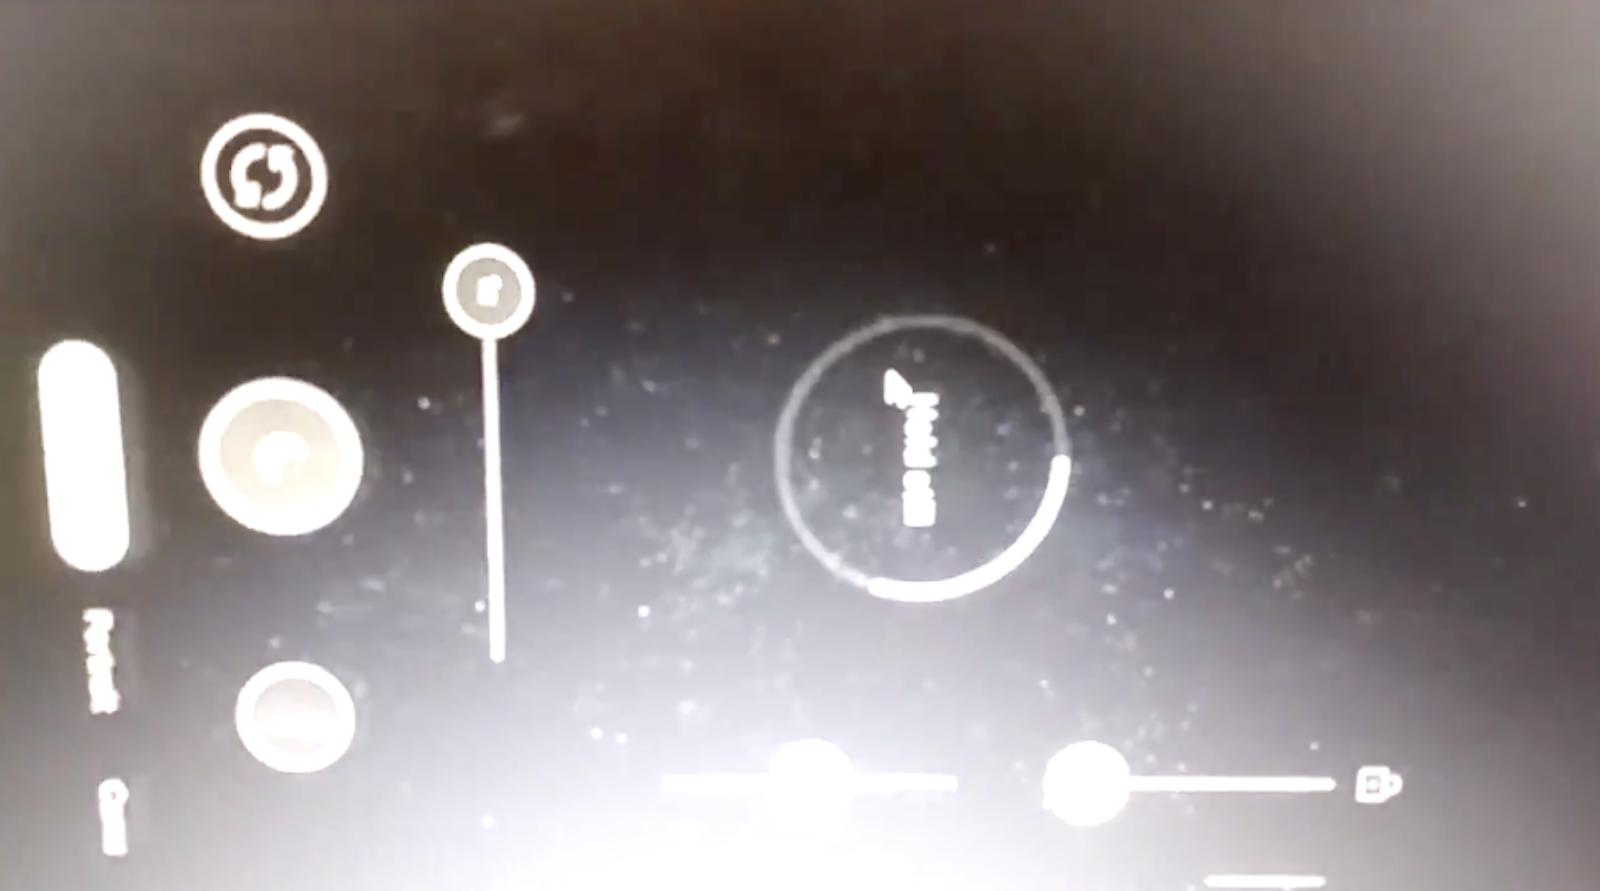 Pixel 4 Video Leak